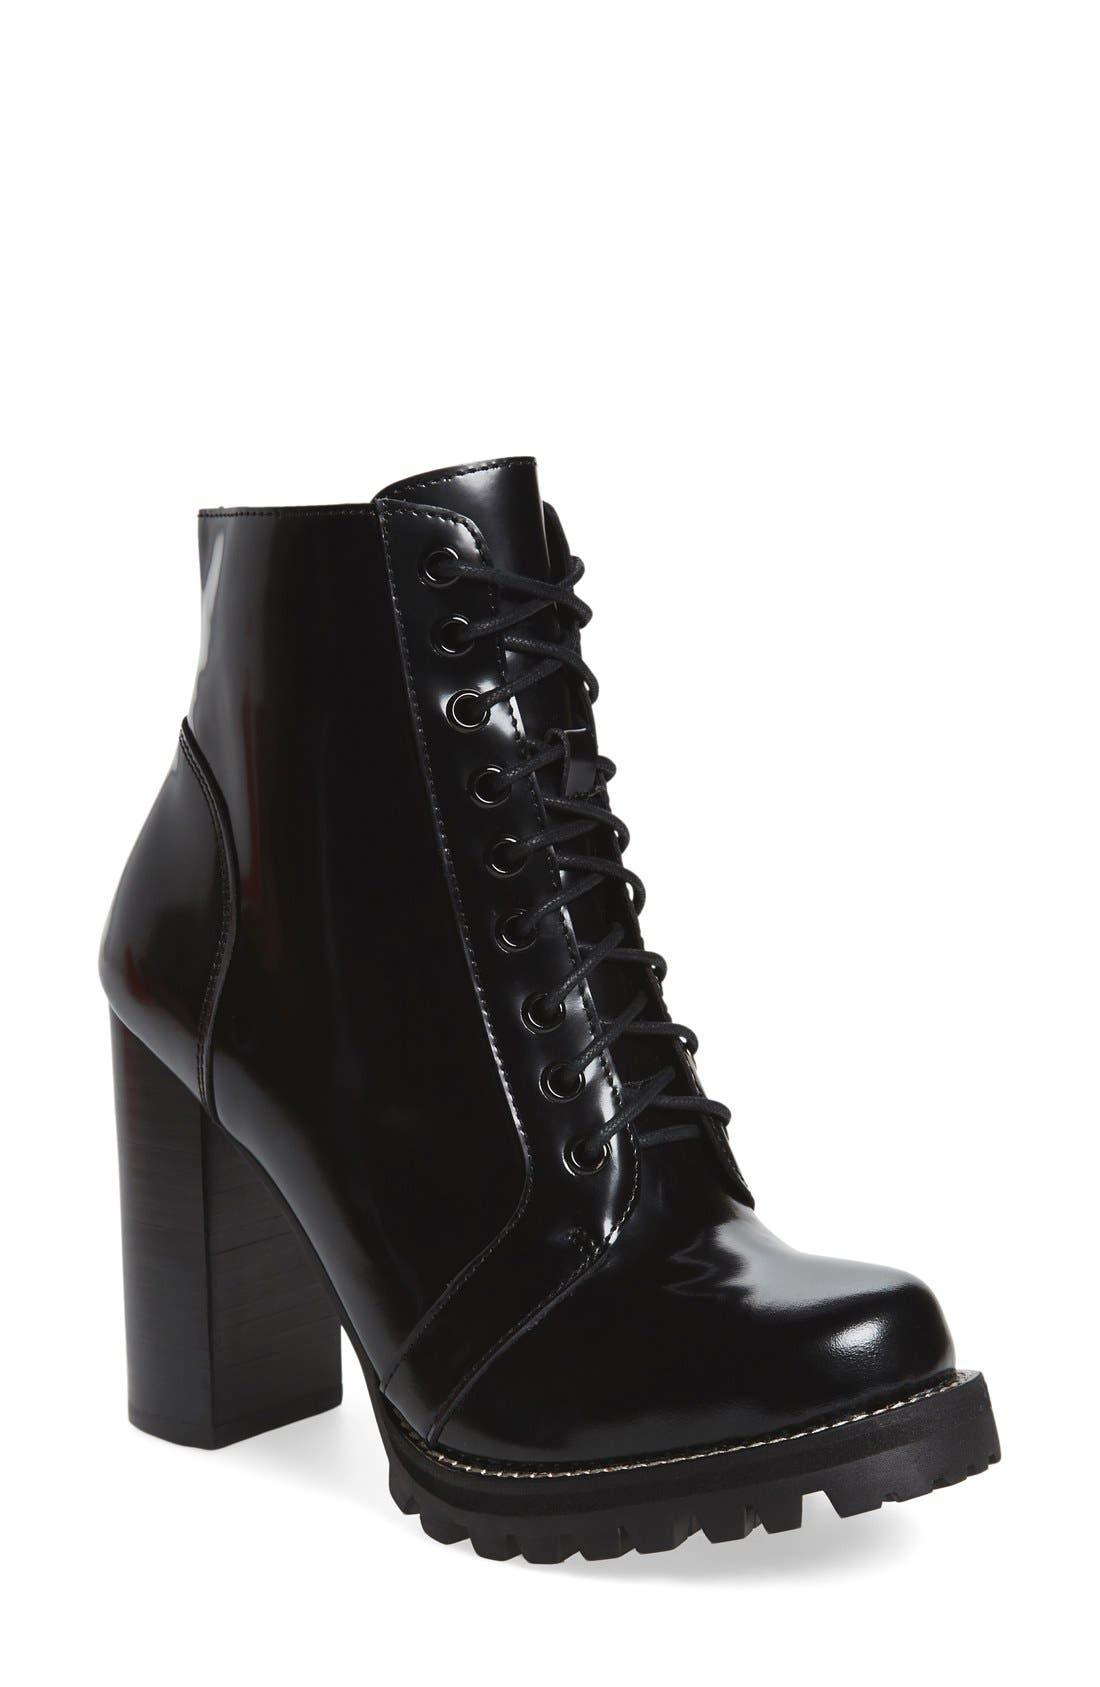 ef59317d4 Jeffrey Campbell Women's Boots